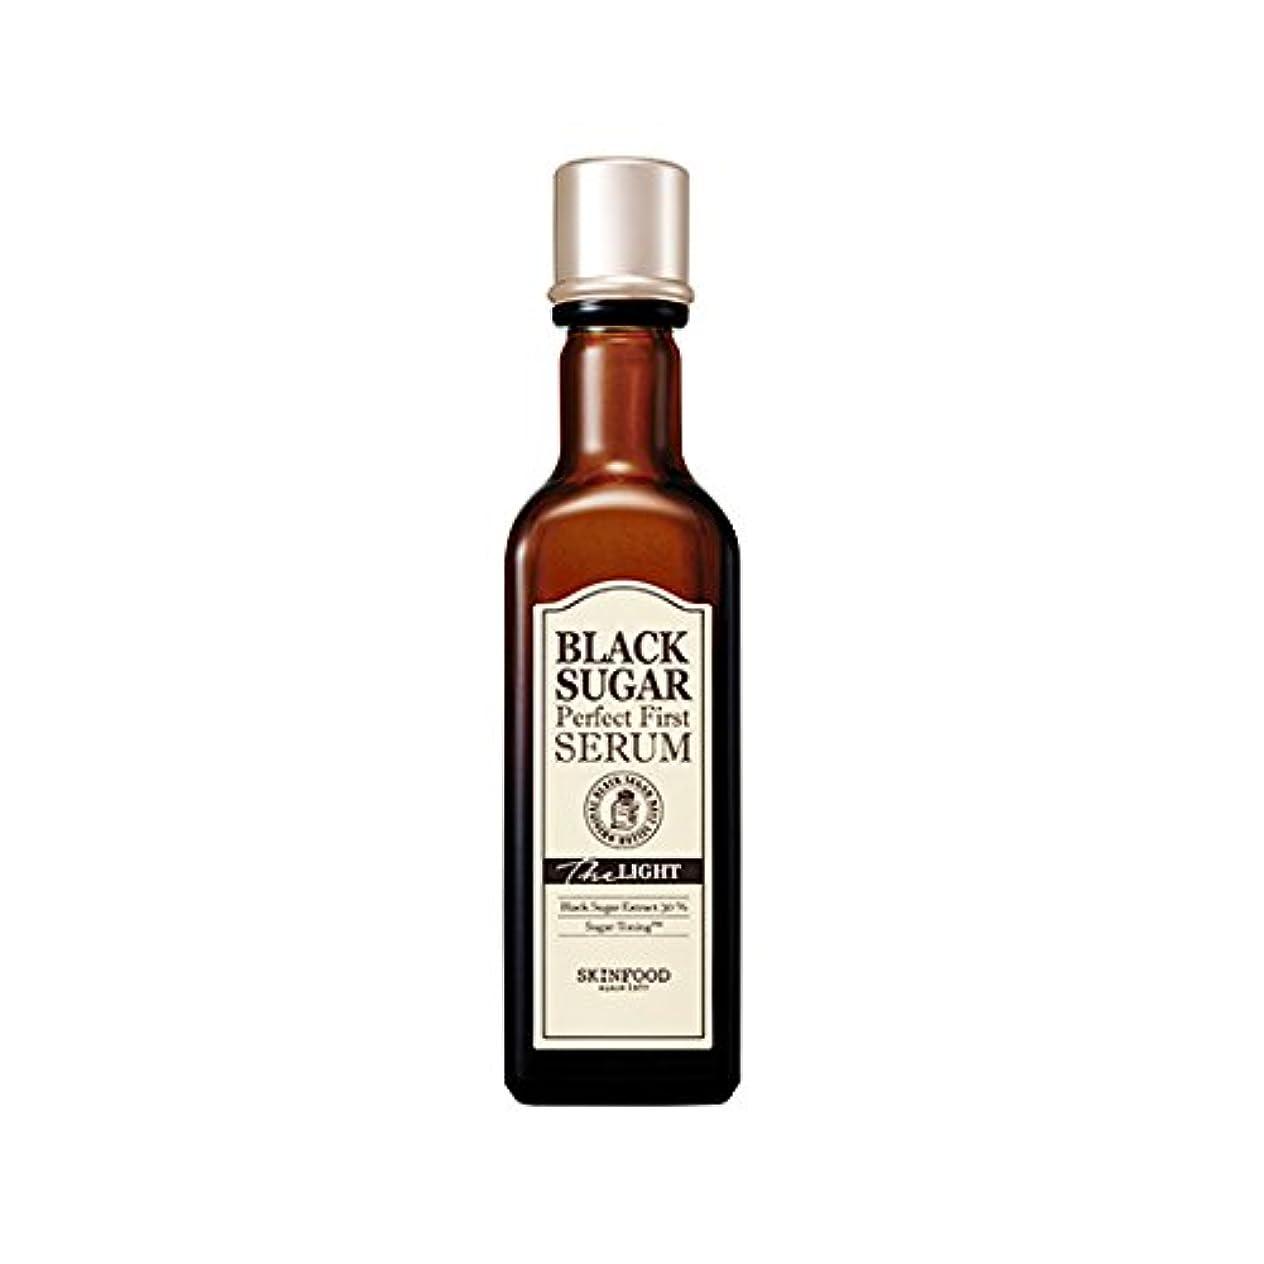 盲信バンジージャンプ離婚Skinfood black sugar perfect first serum the light/黒糖完全最初血清ライト/120ml + 60? [並行輸入品]